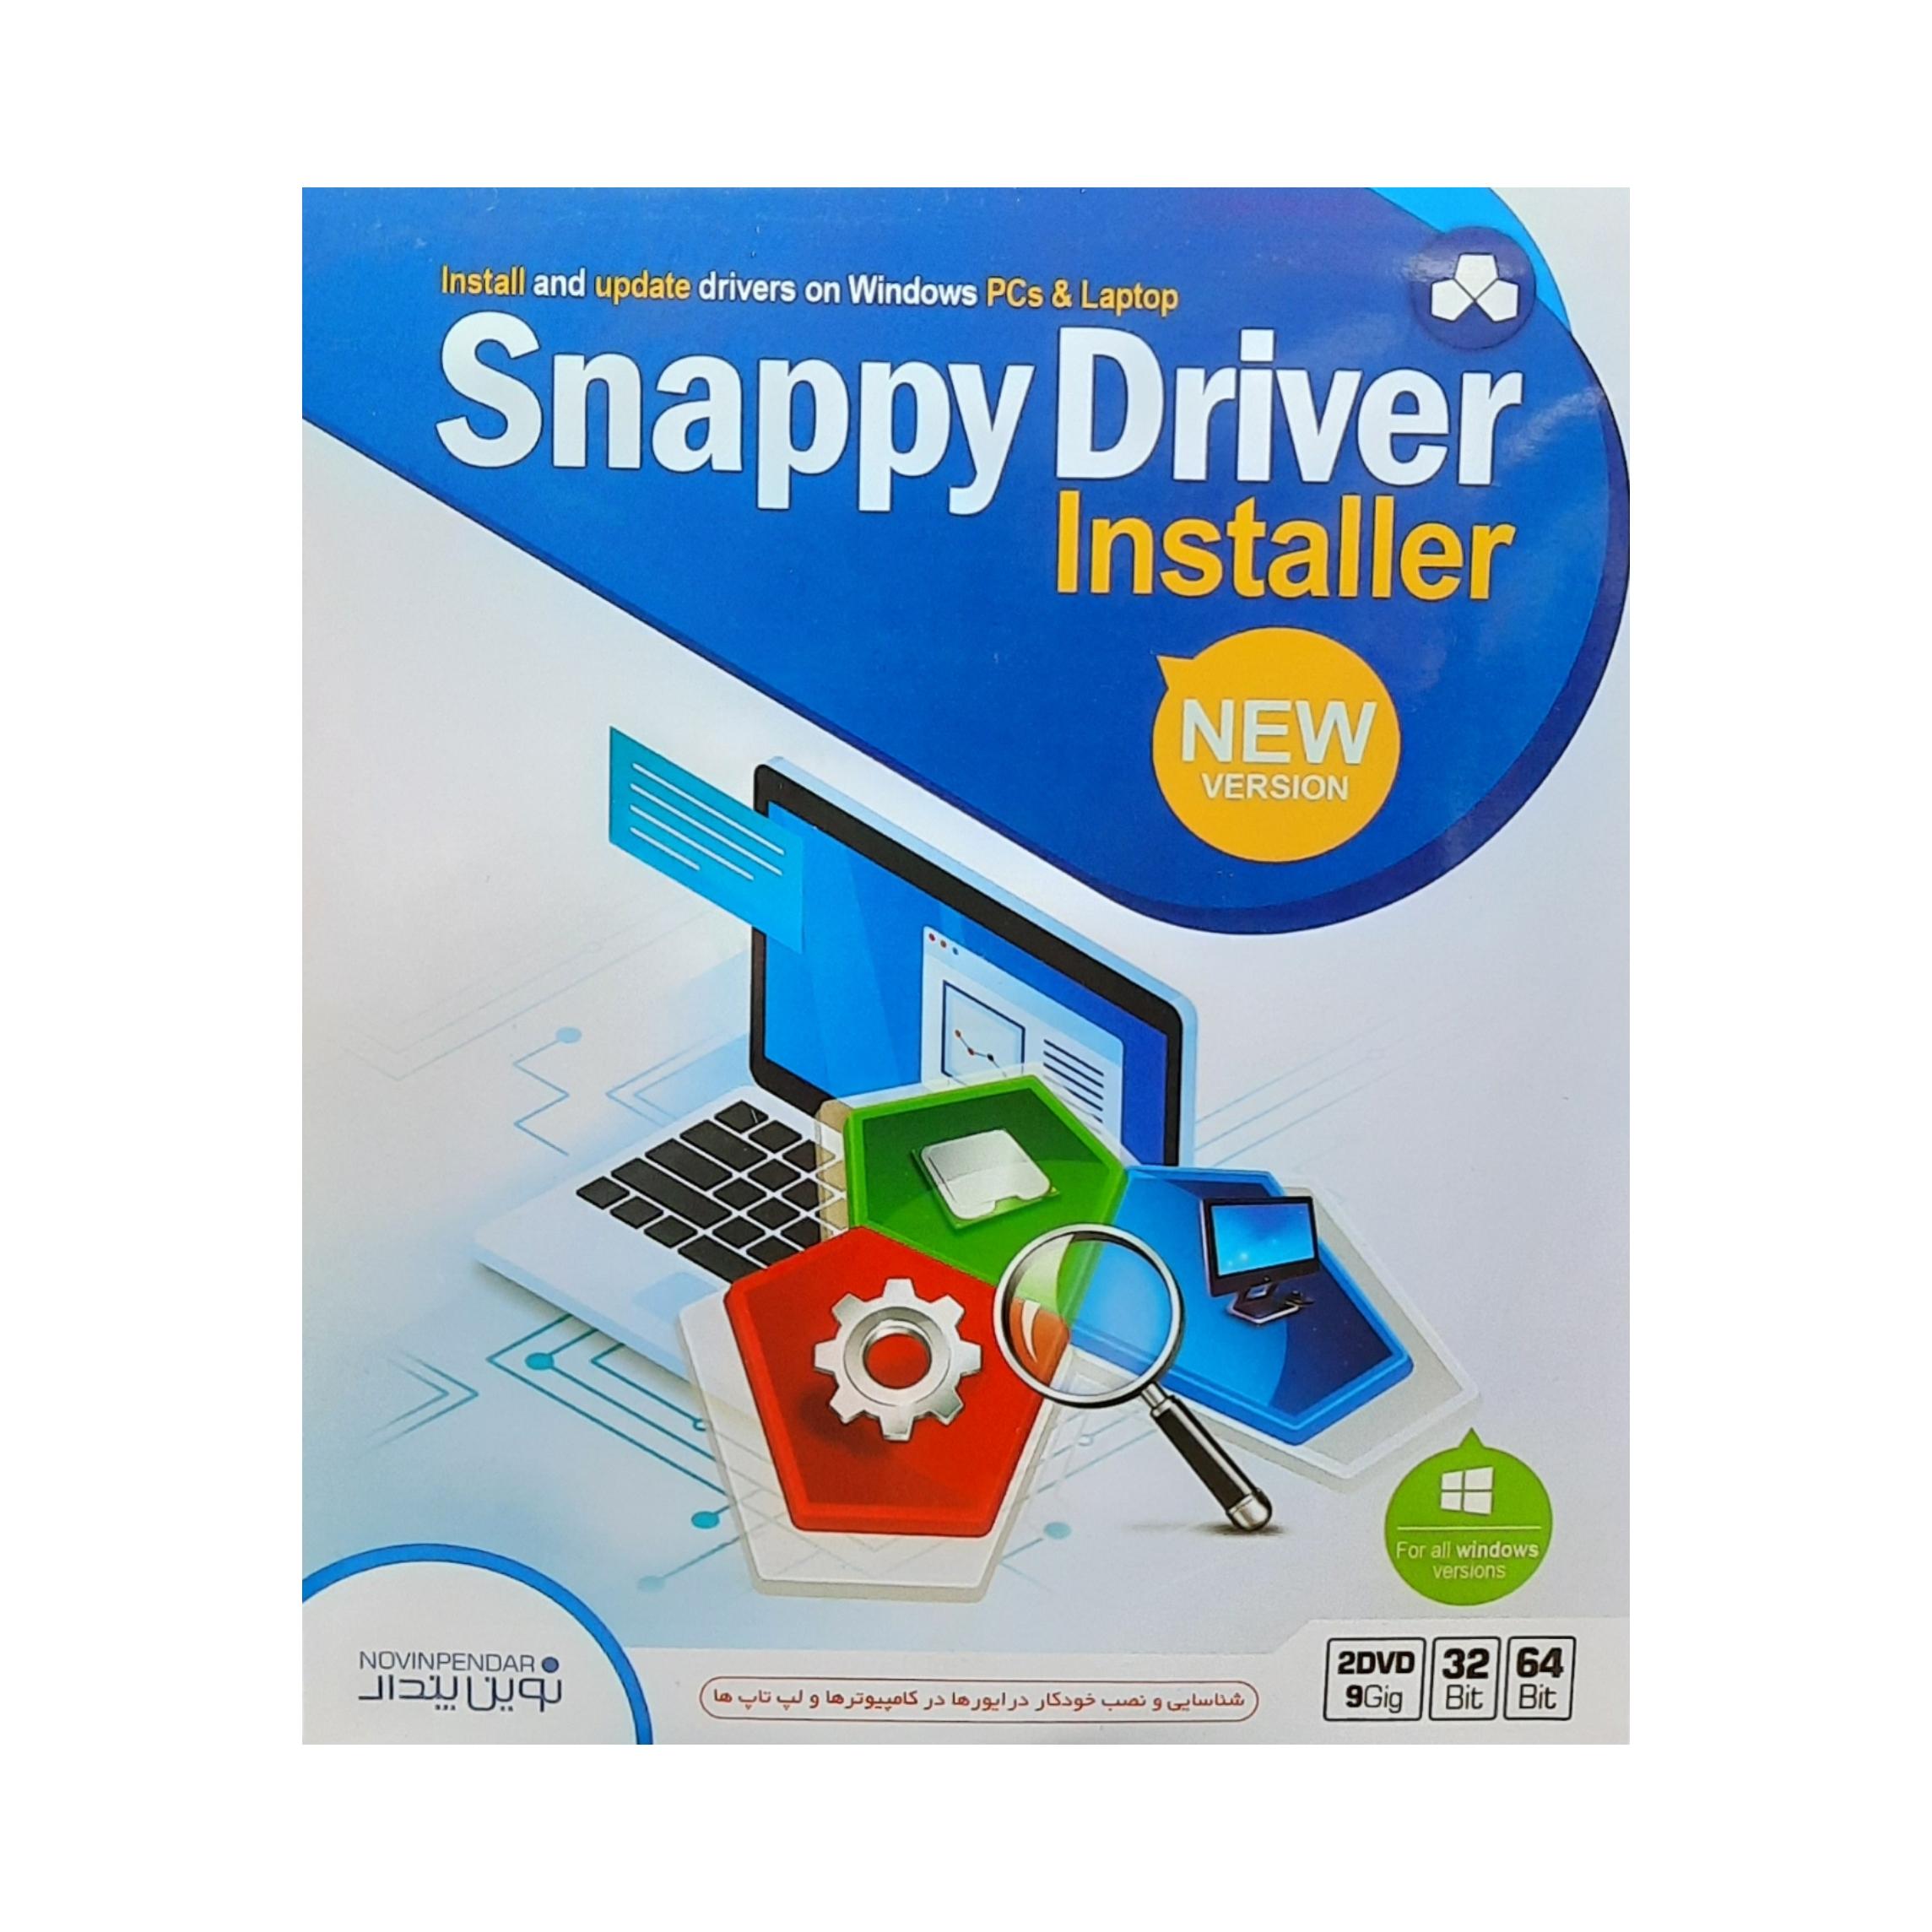 نرم افزار Snappy Driver New نشر نوین پندار